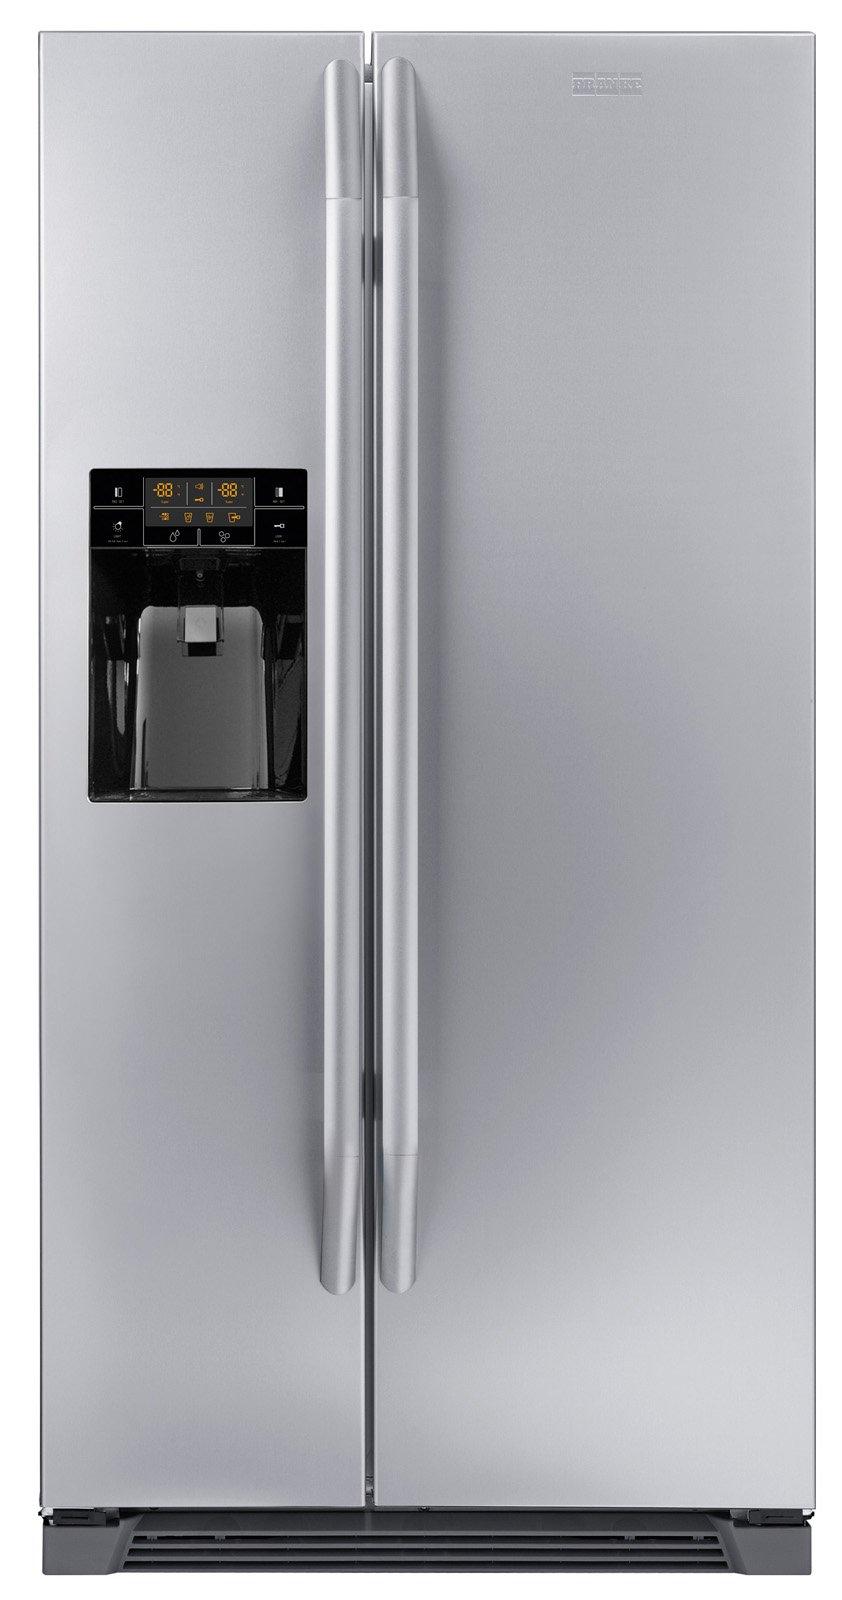 frigoriferi nuove qualit per il freddo cose di casa. Black Bedroom Furniture Sets. Home Design Ideas